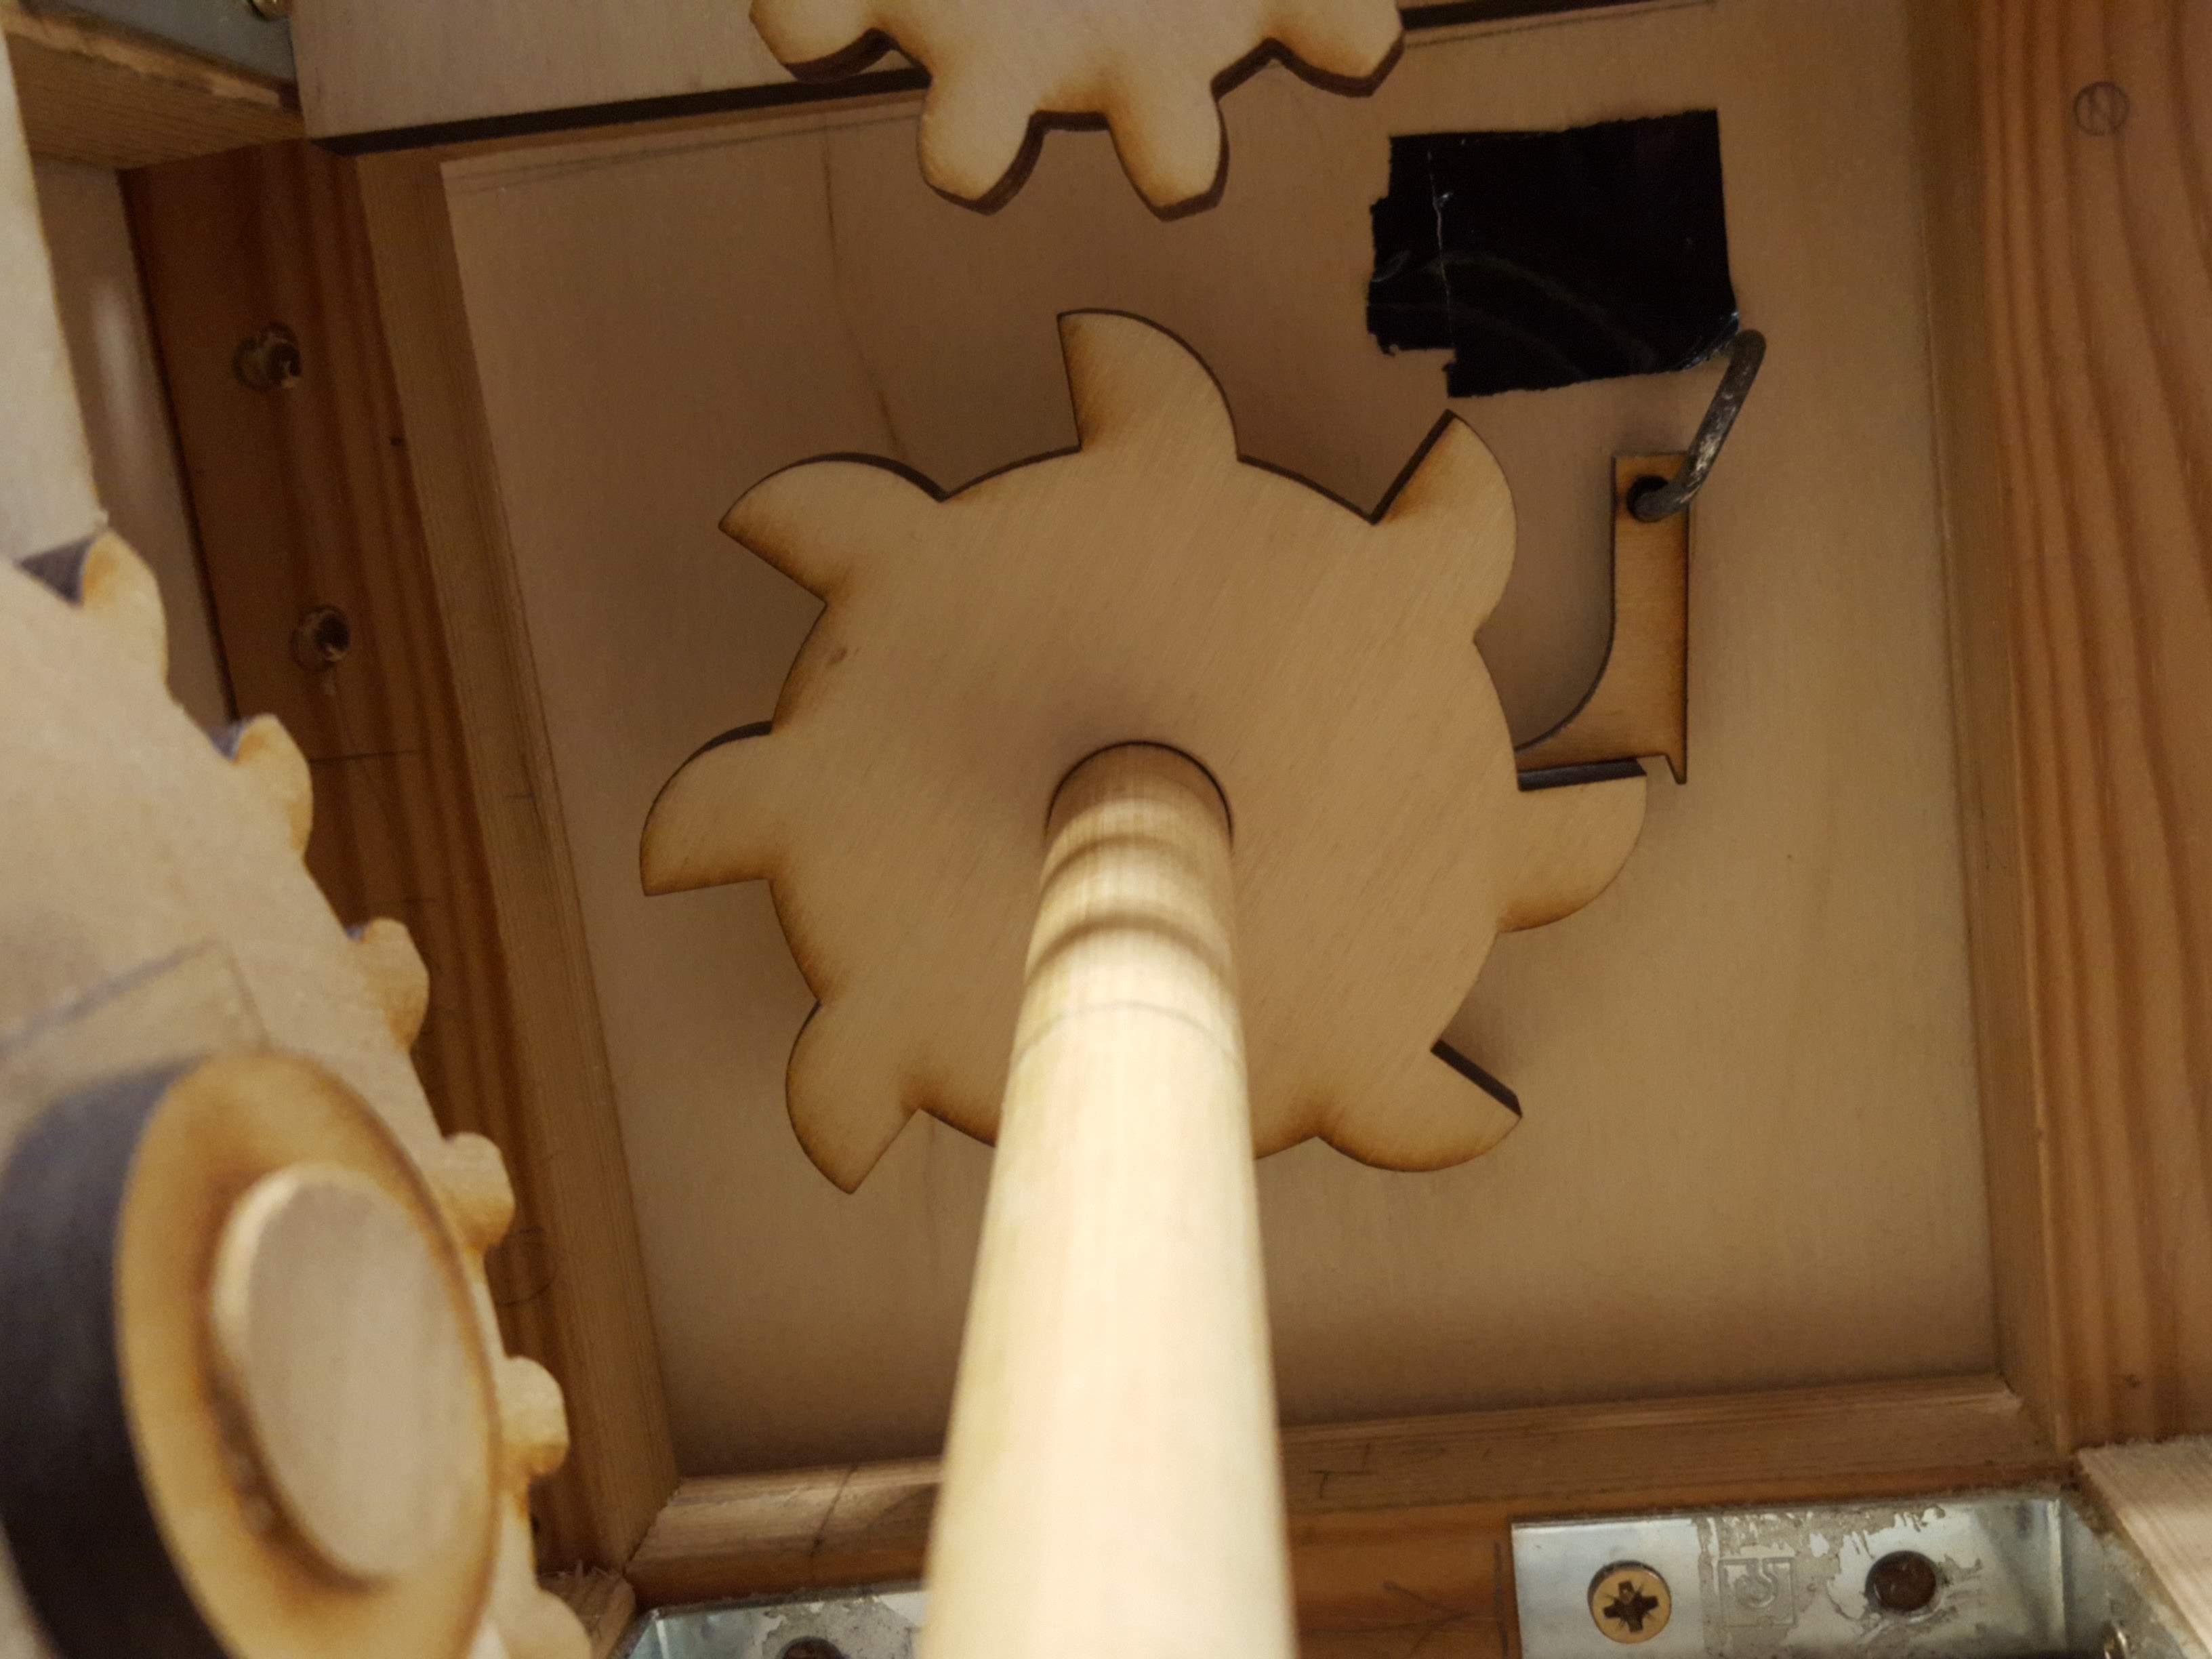 Ratchet Mechanism Inside Box